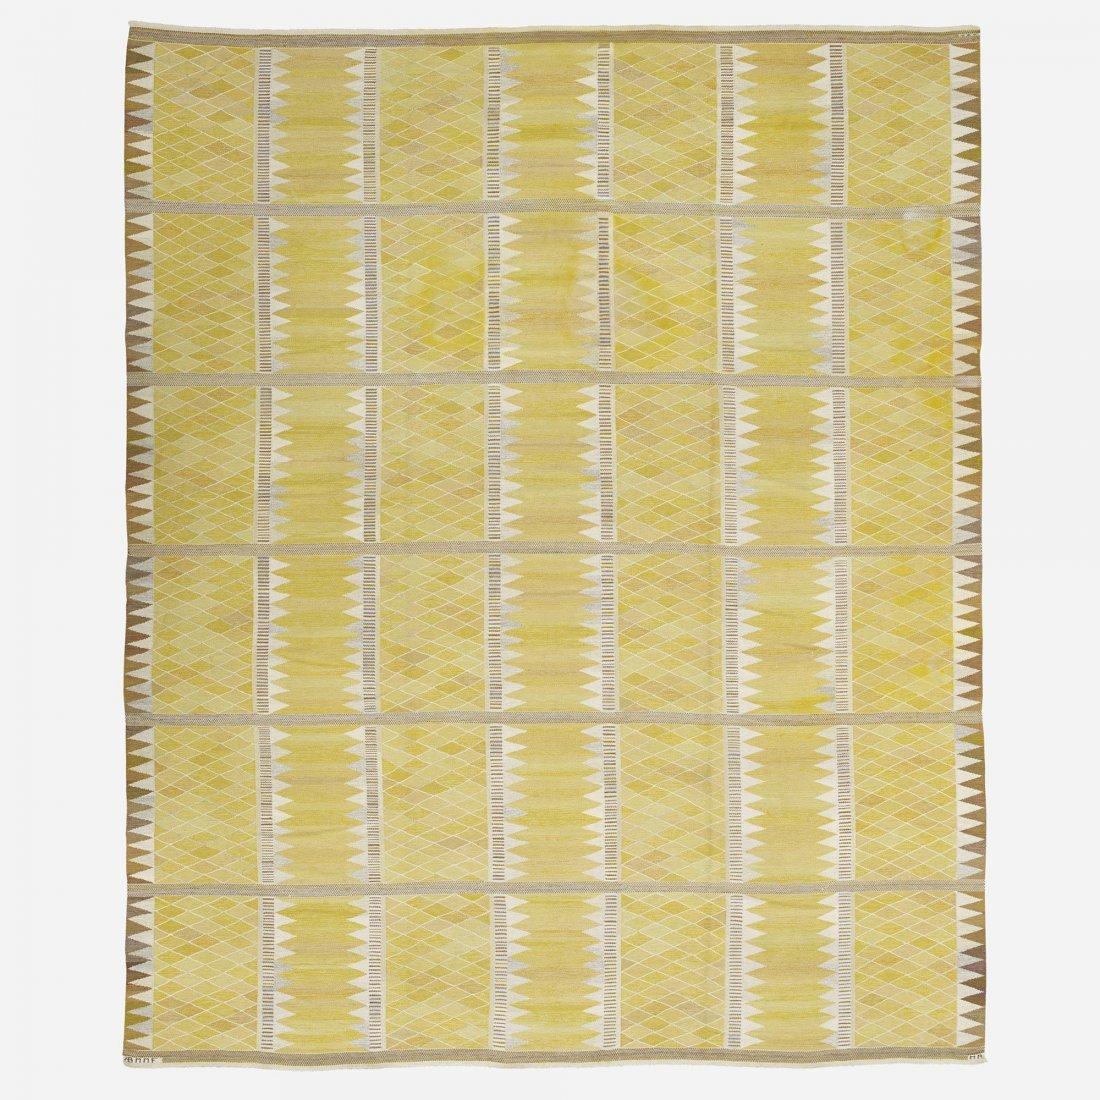 Marianne Richter carpet